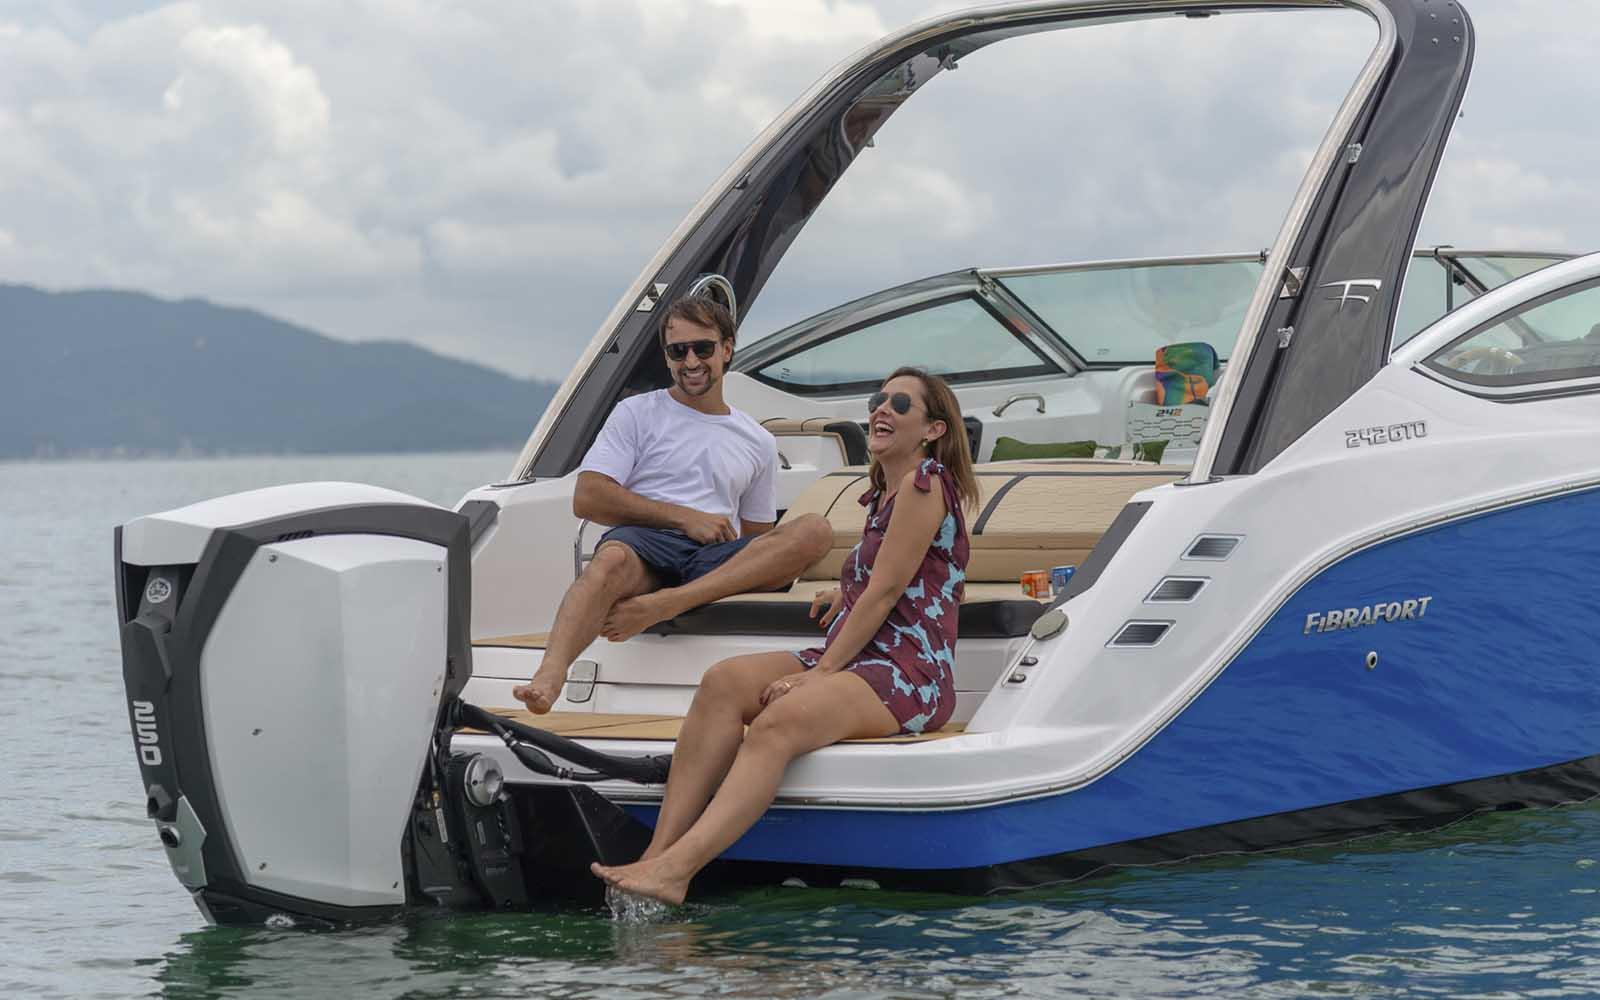 focker 242 outboard motor de popa - boat shopping 3